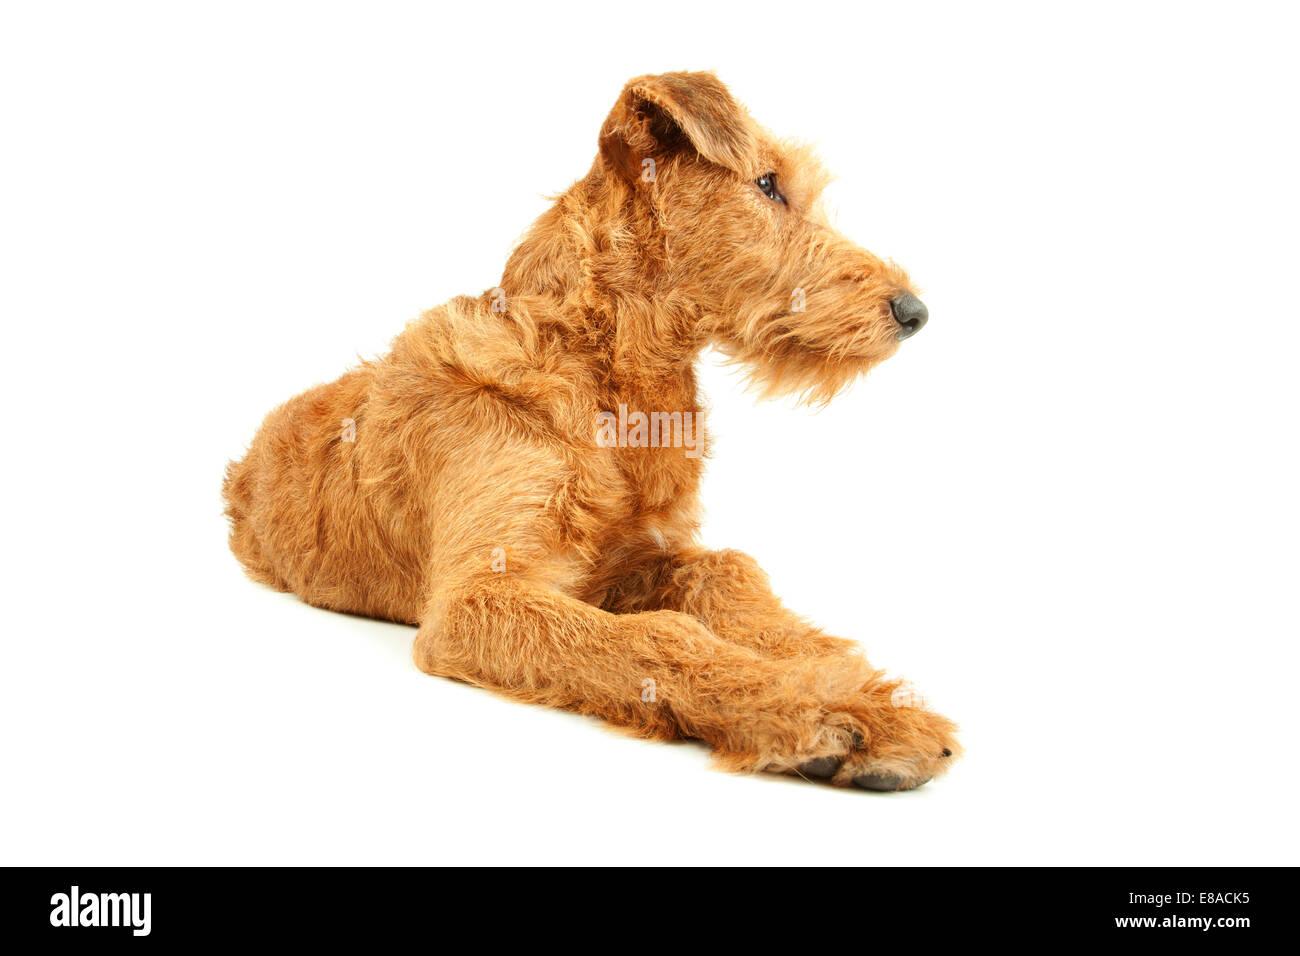 Irish Terrier, dog isolated on white background - Stock Image